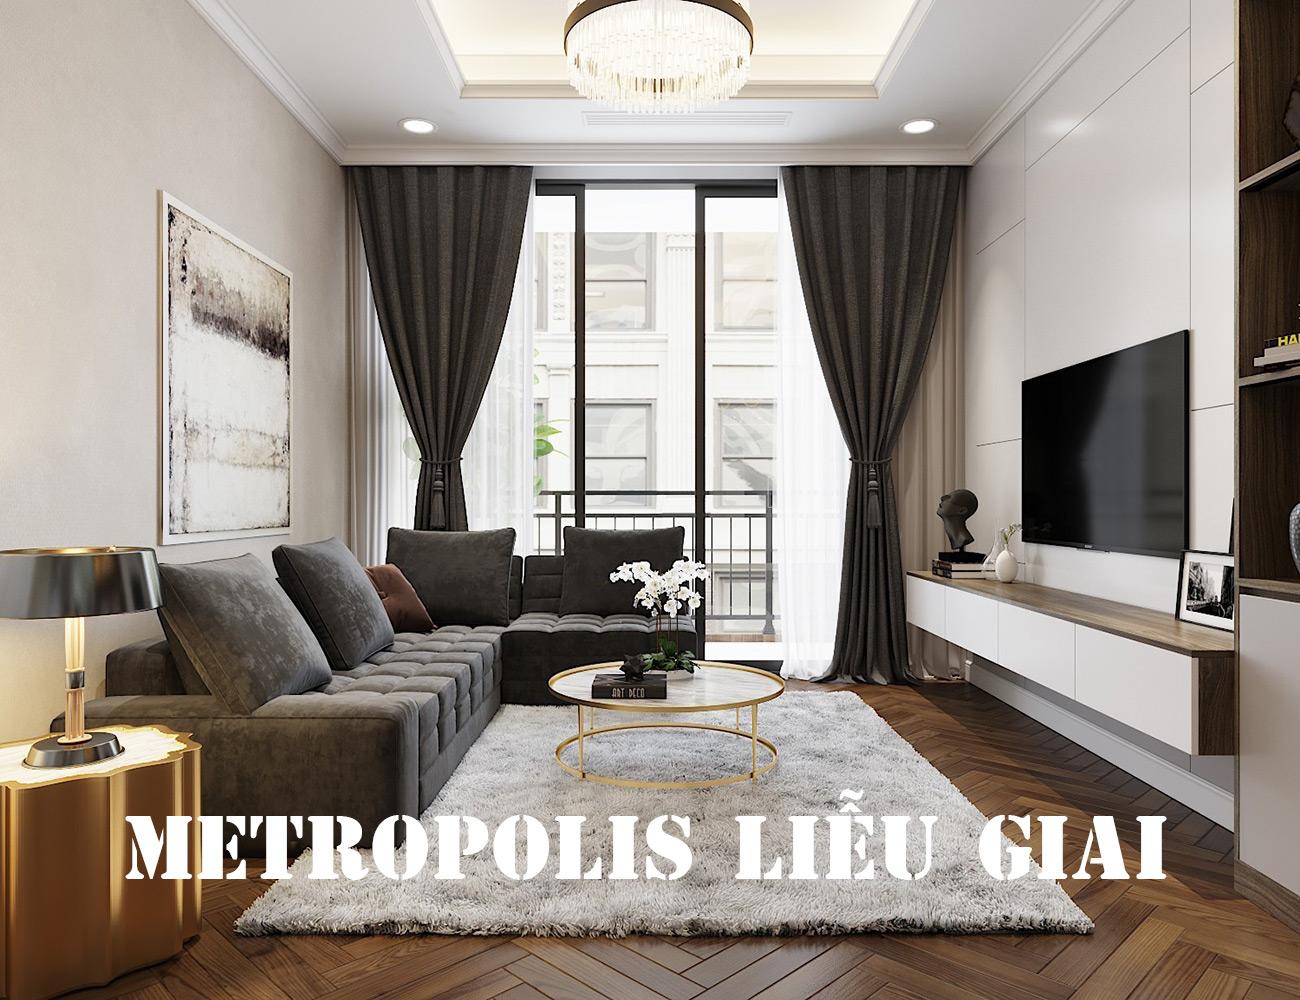 Thiết Kế Nội Thất Căn Hộ Vinhomes Metropolis Tòa M3 Căn 07 – Anh Lĩnh